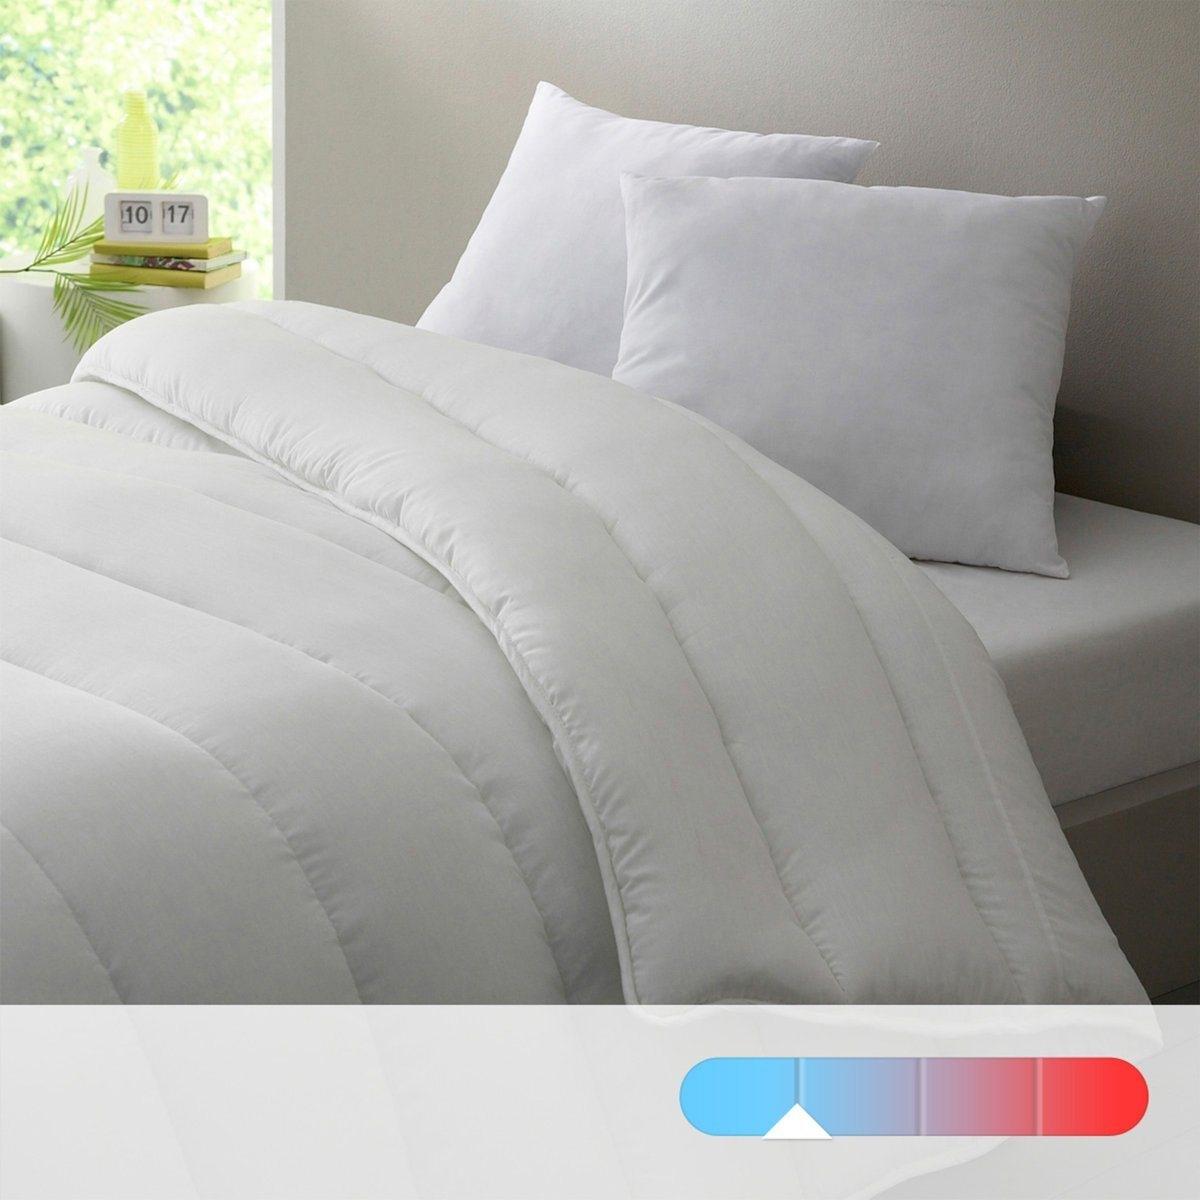 Одеяло с обработкой, 175 г/м²